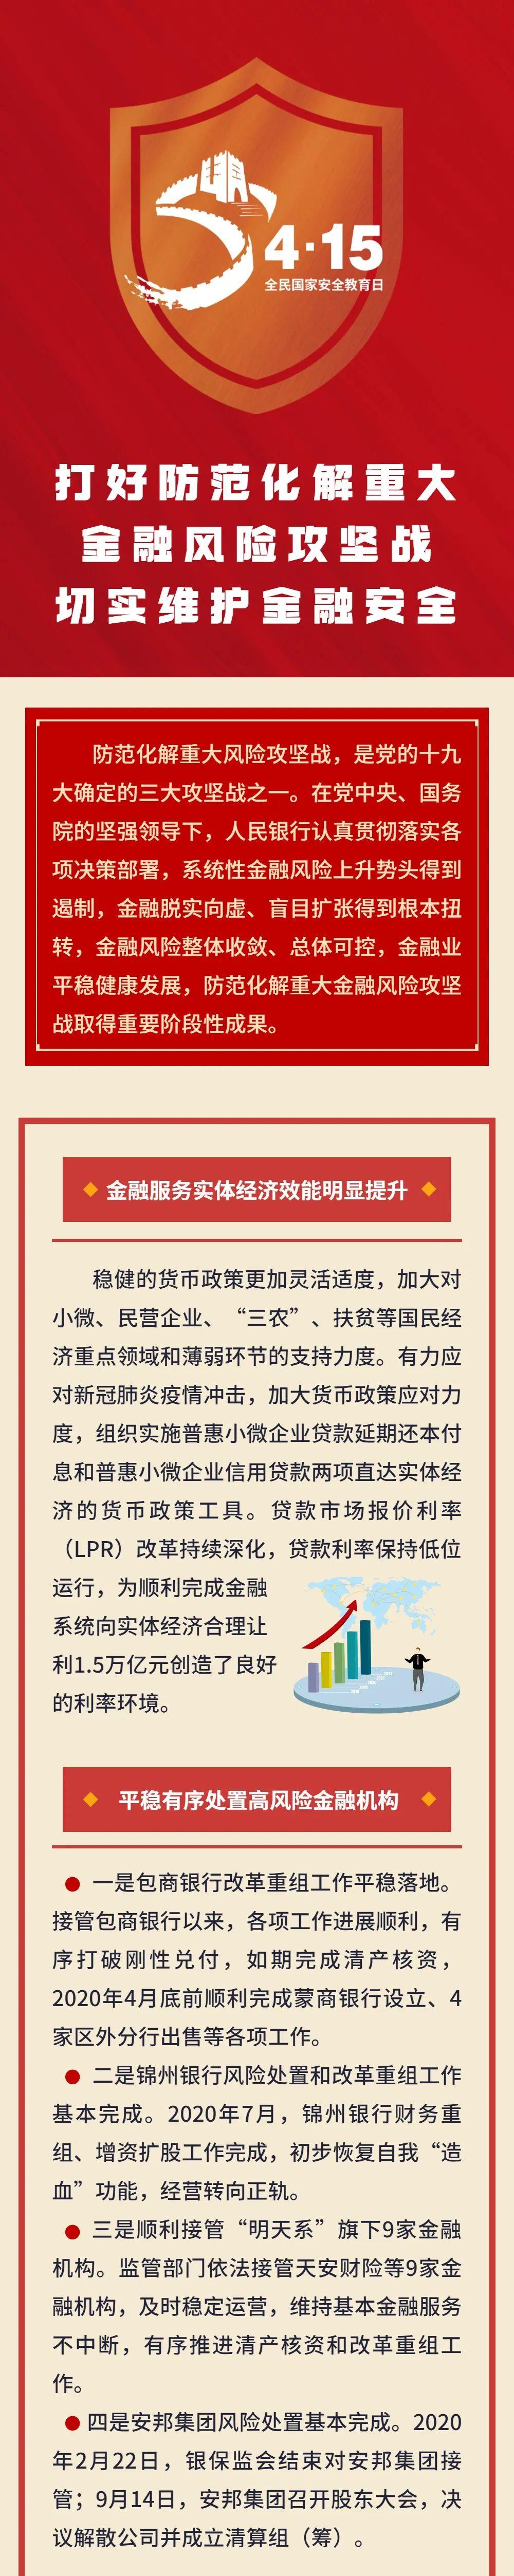 央行:全面清理整顿金融秩序 在营P2P网贷机构全部停业